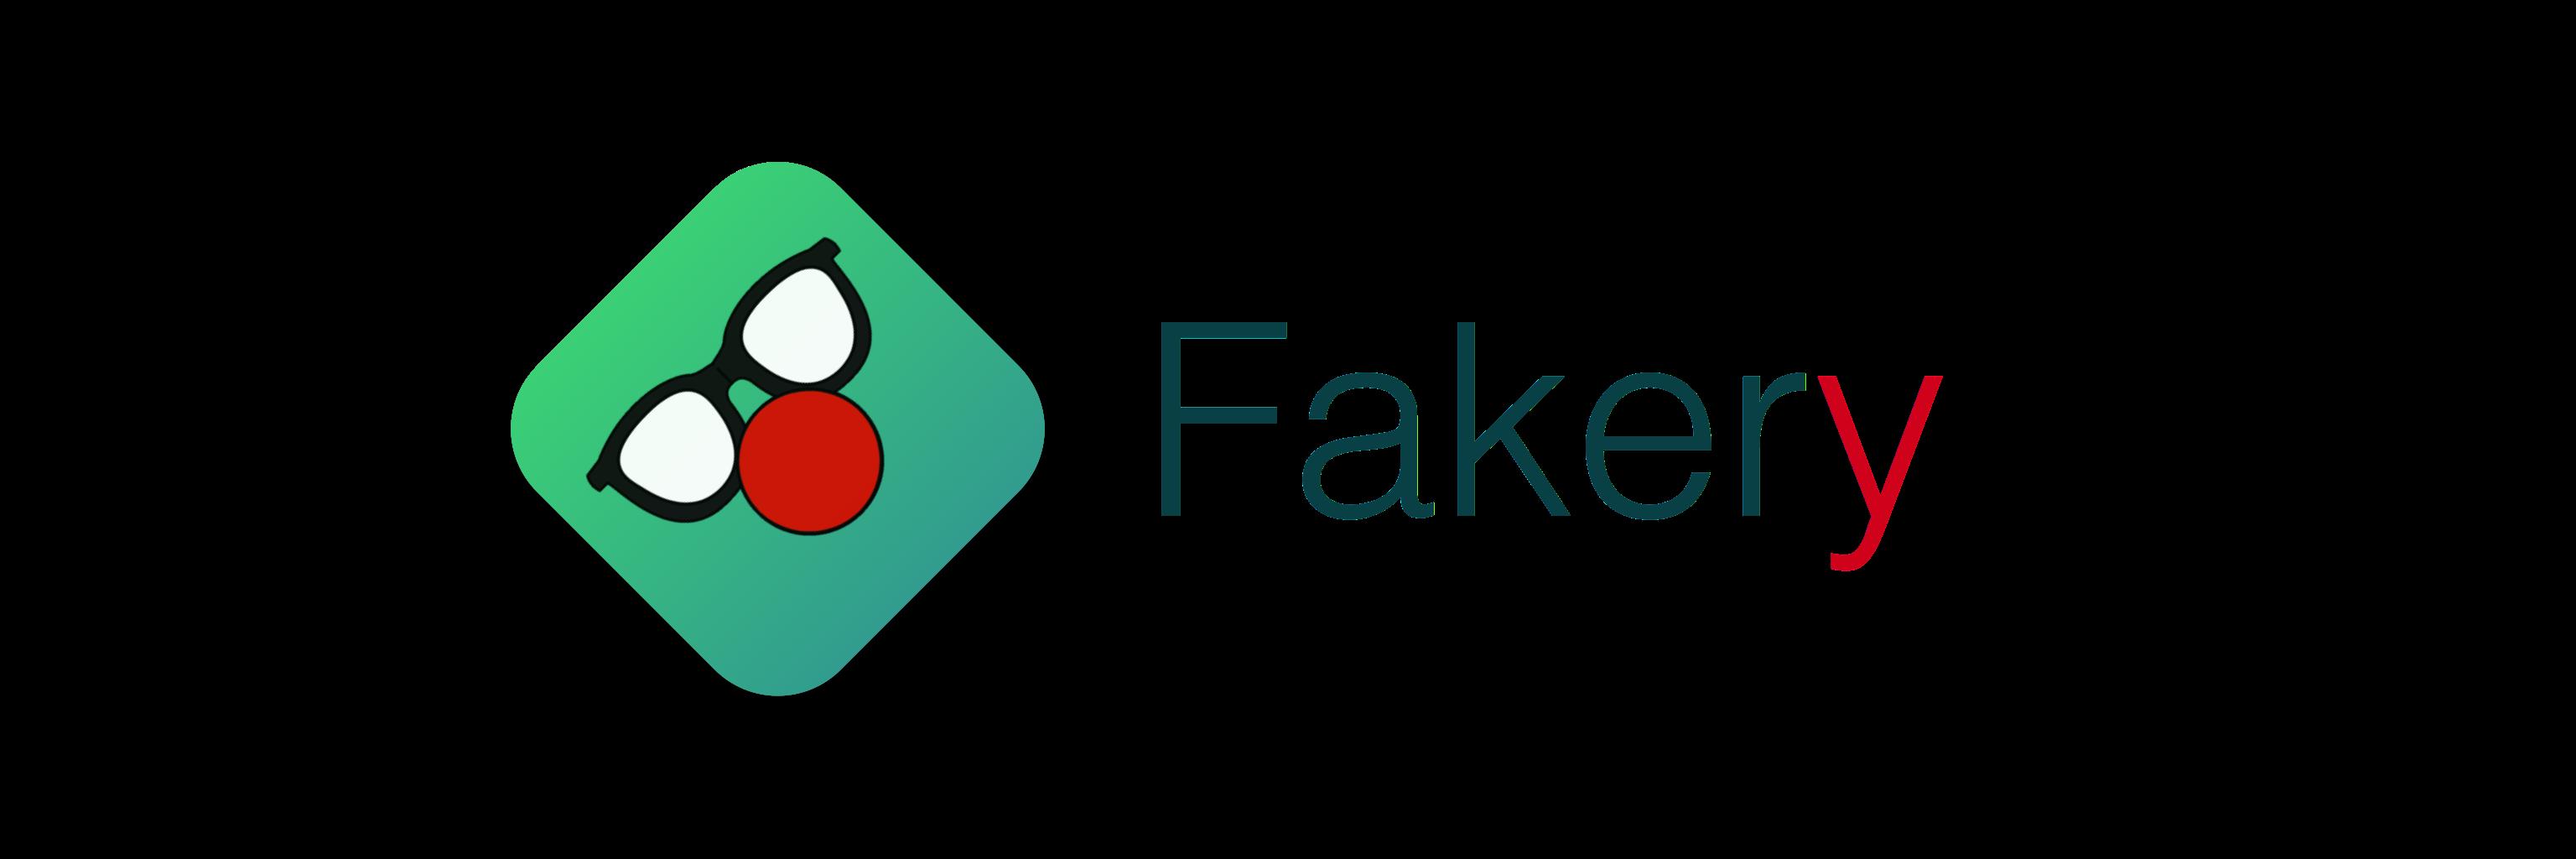 Fake Logos - Fake Apple Logo